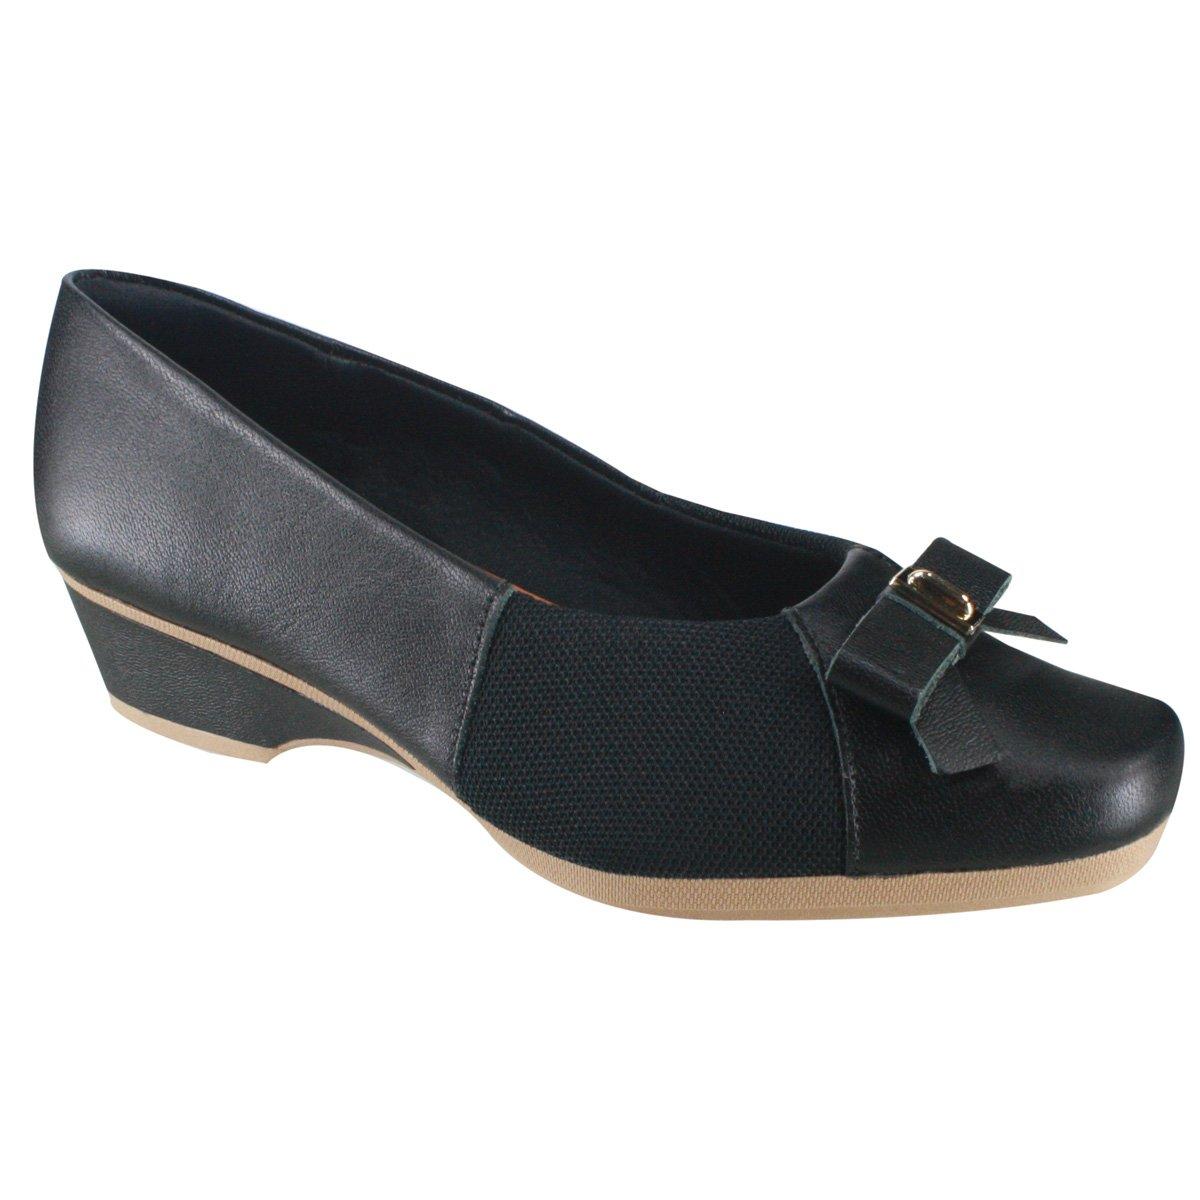 e105b61af Amplie a imagem. Sapato Usaflex Care Joanetes Anabela; Sapato Usaflex Care  Joanetes Anabela 2; Sapato Usaflex ...